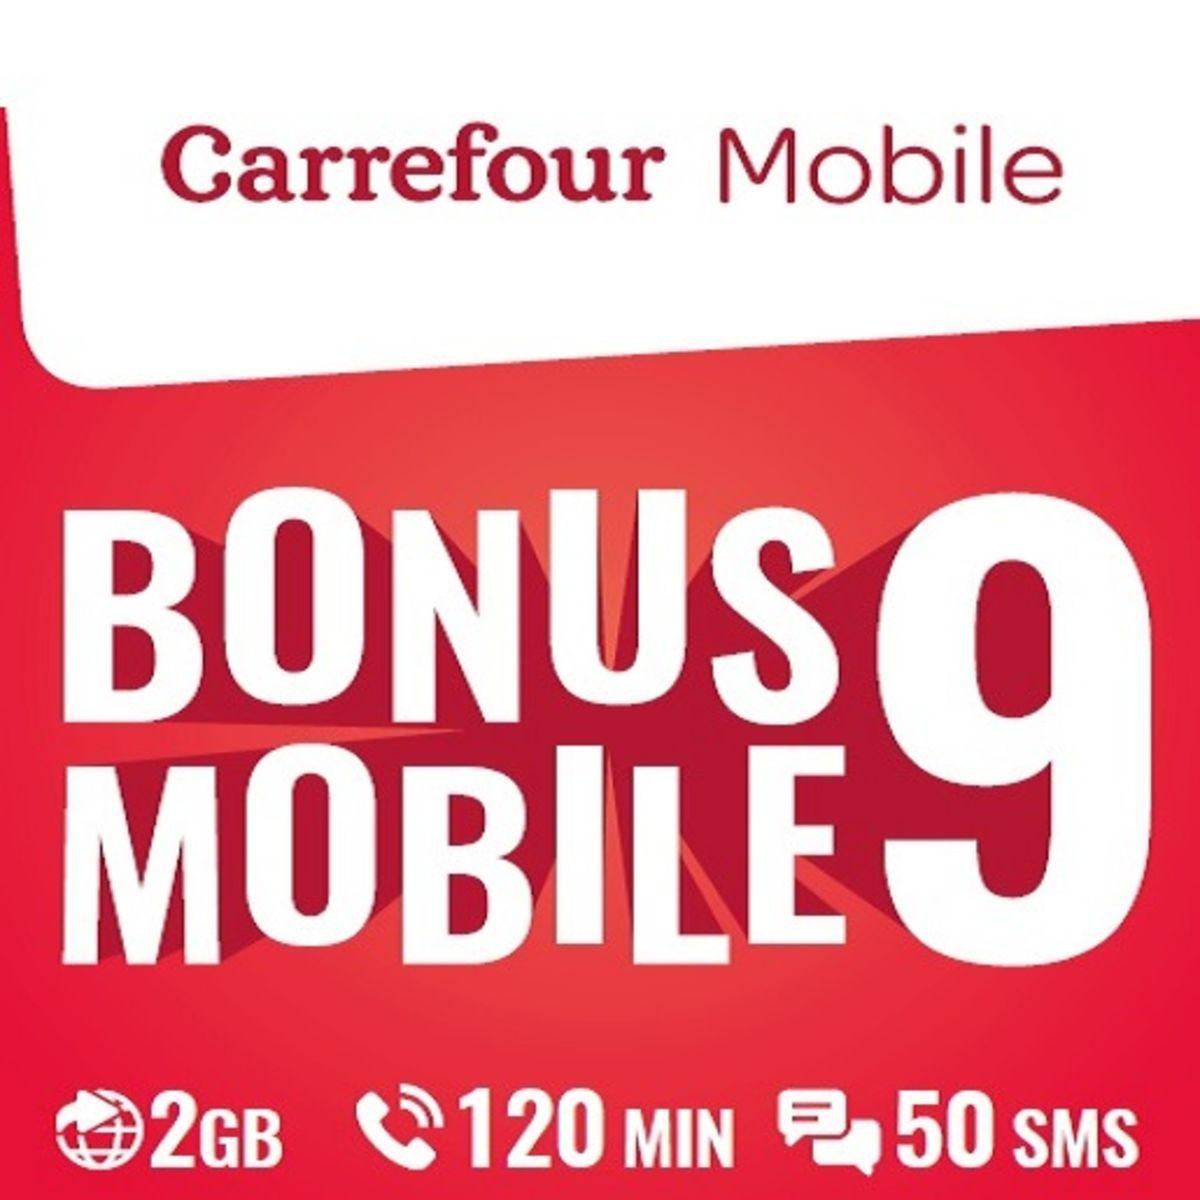 Carrefour Bonus Mobile 9